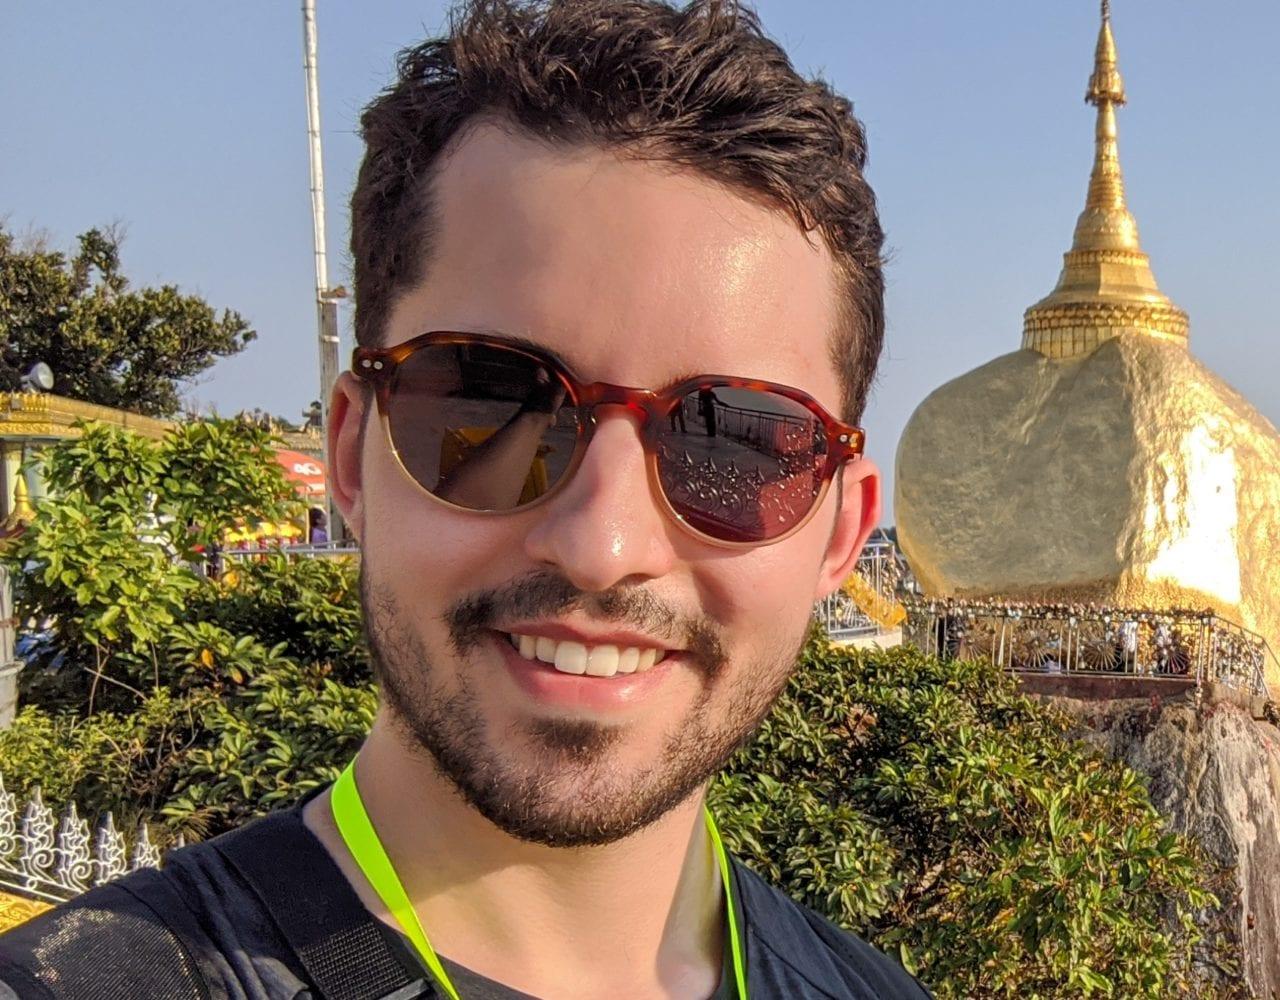 alexasia reiseblogger interview reiseblogger corona leichtschraegunterwegs